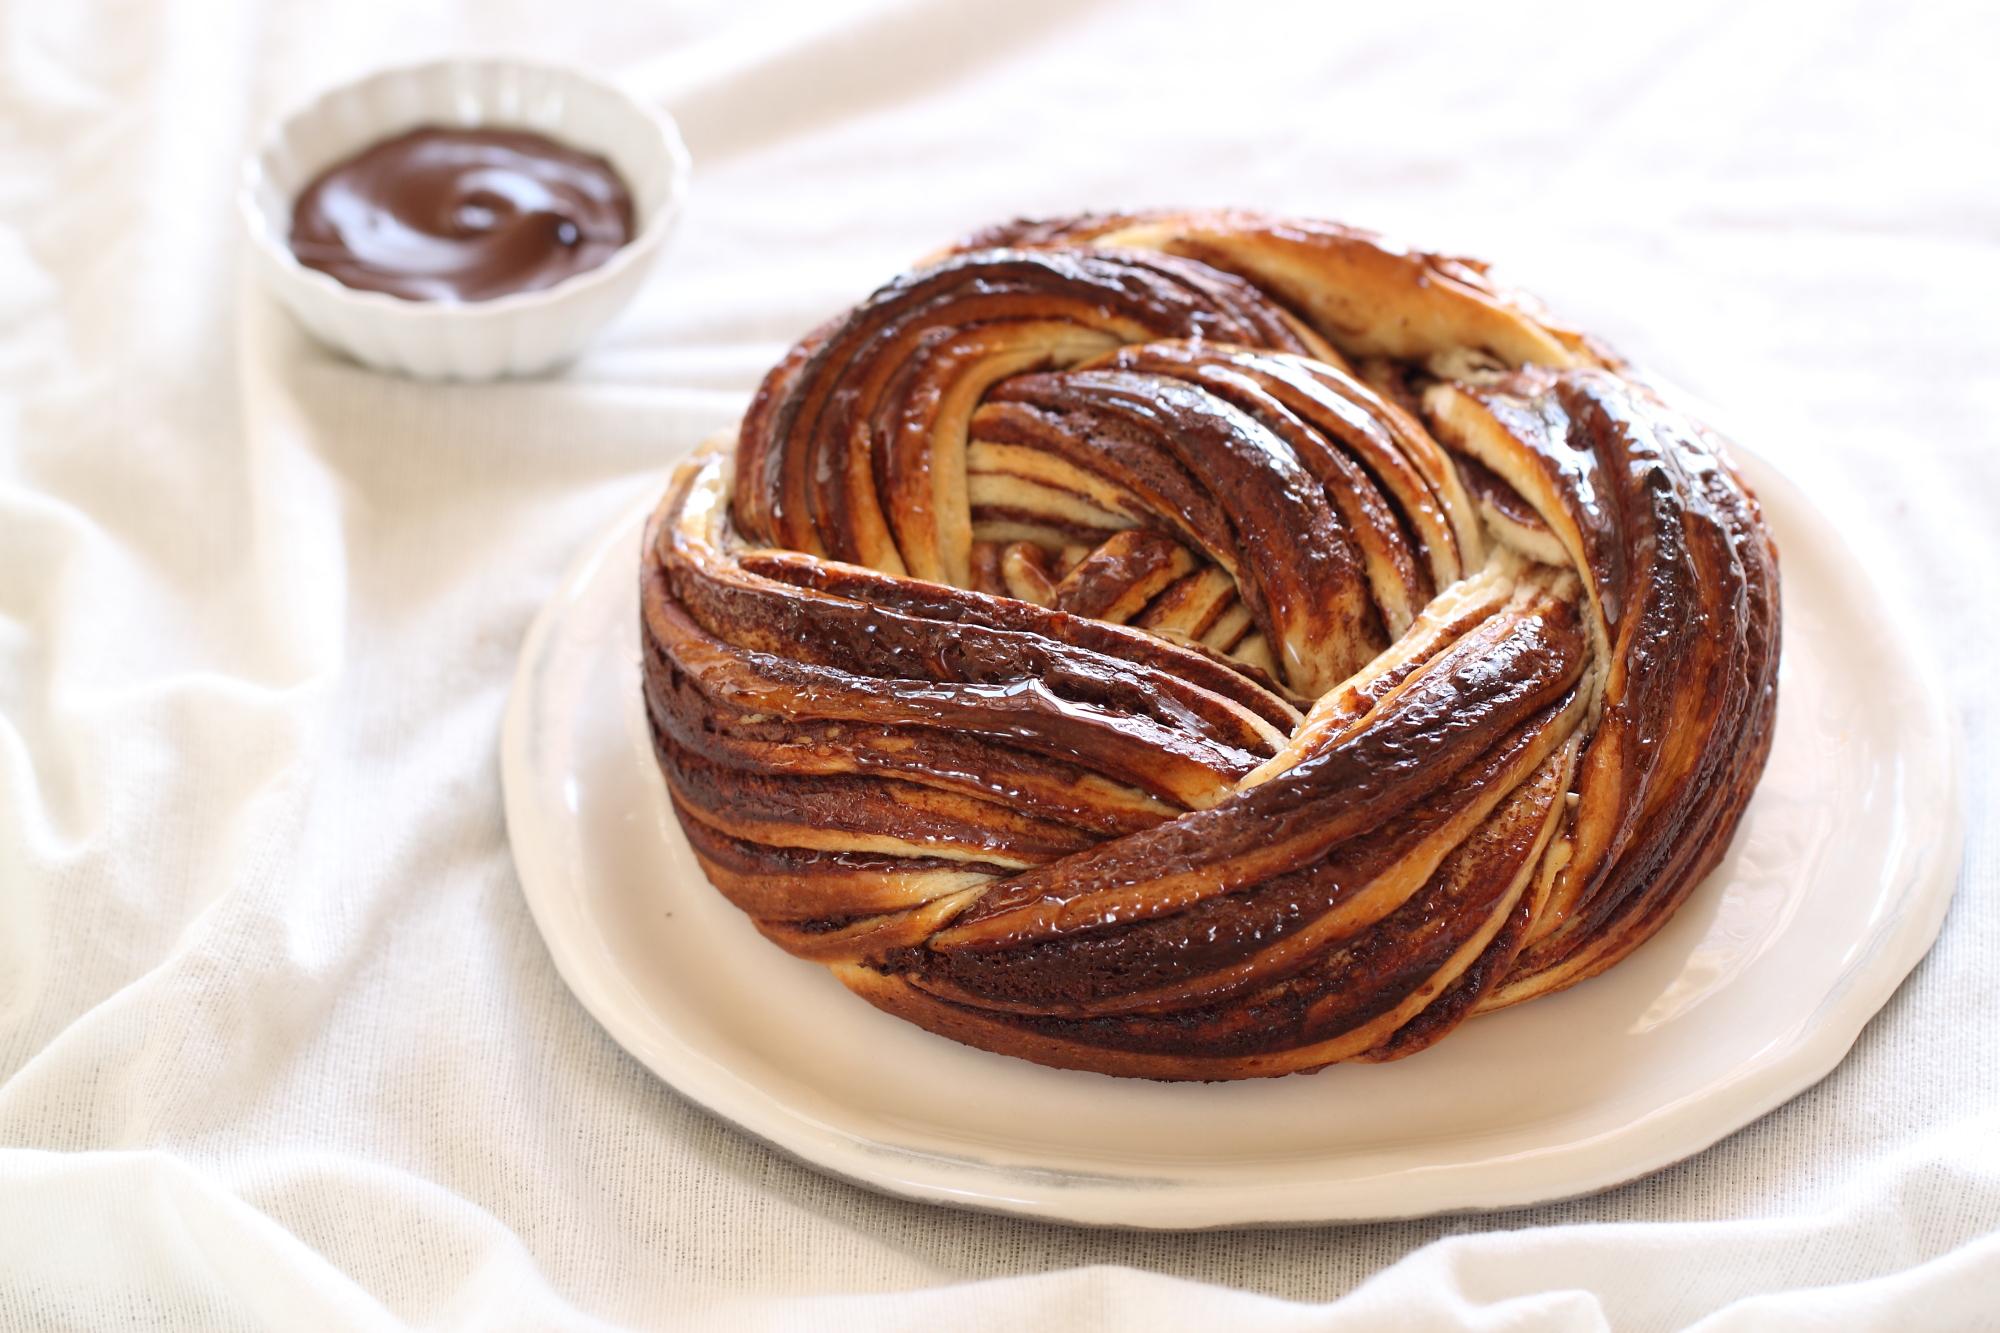 עוגת קראנץ שוקולד - פרווה מתאימה לכל יום בשנה • מתכון וידאו